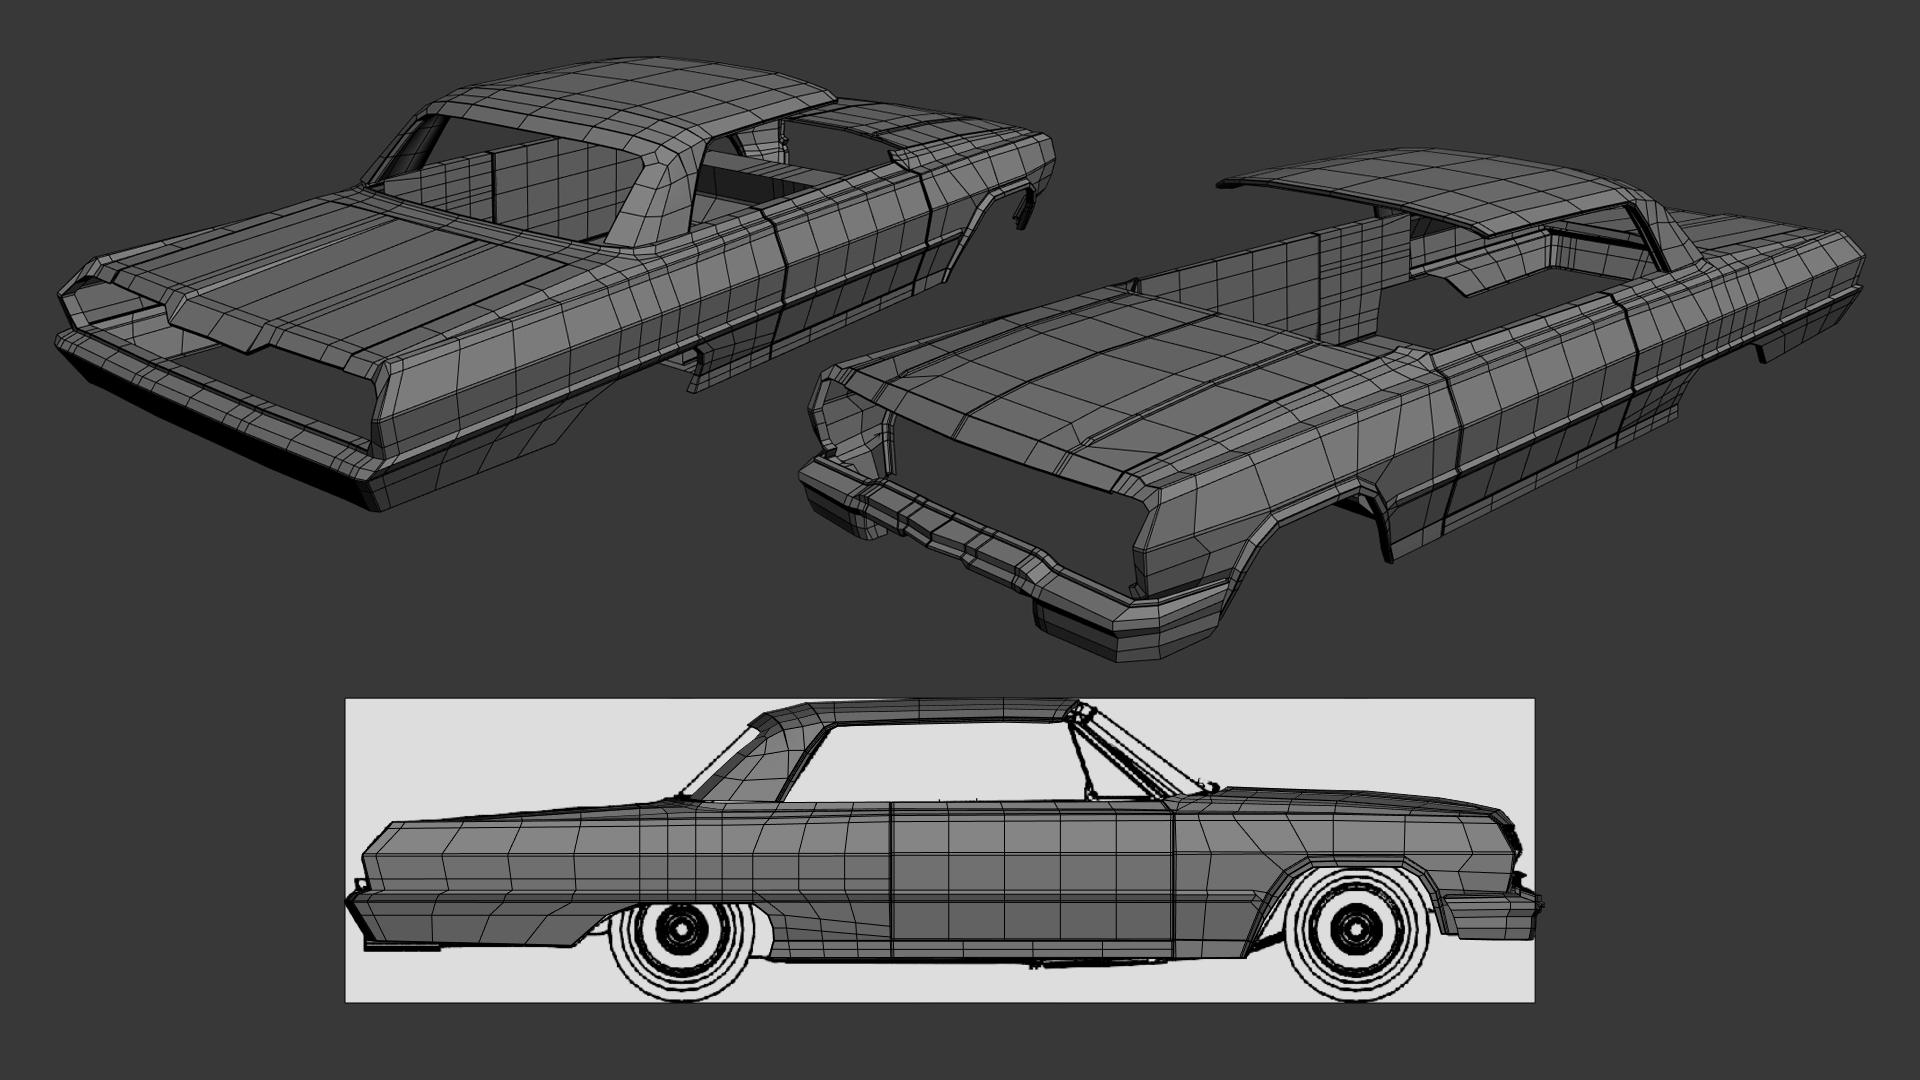 Modeling of Impala